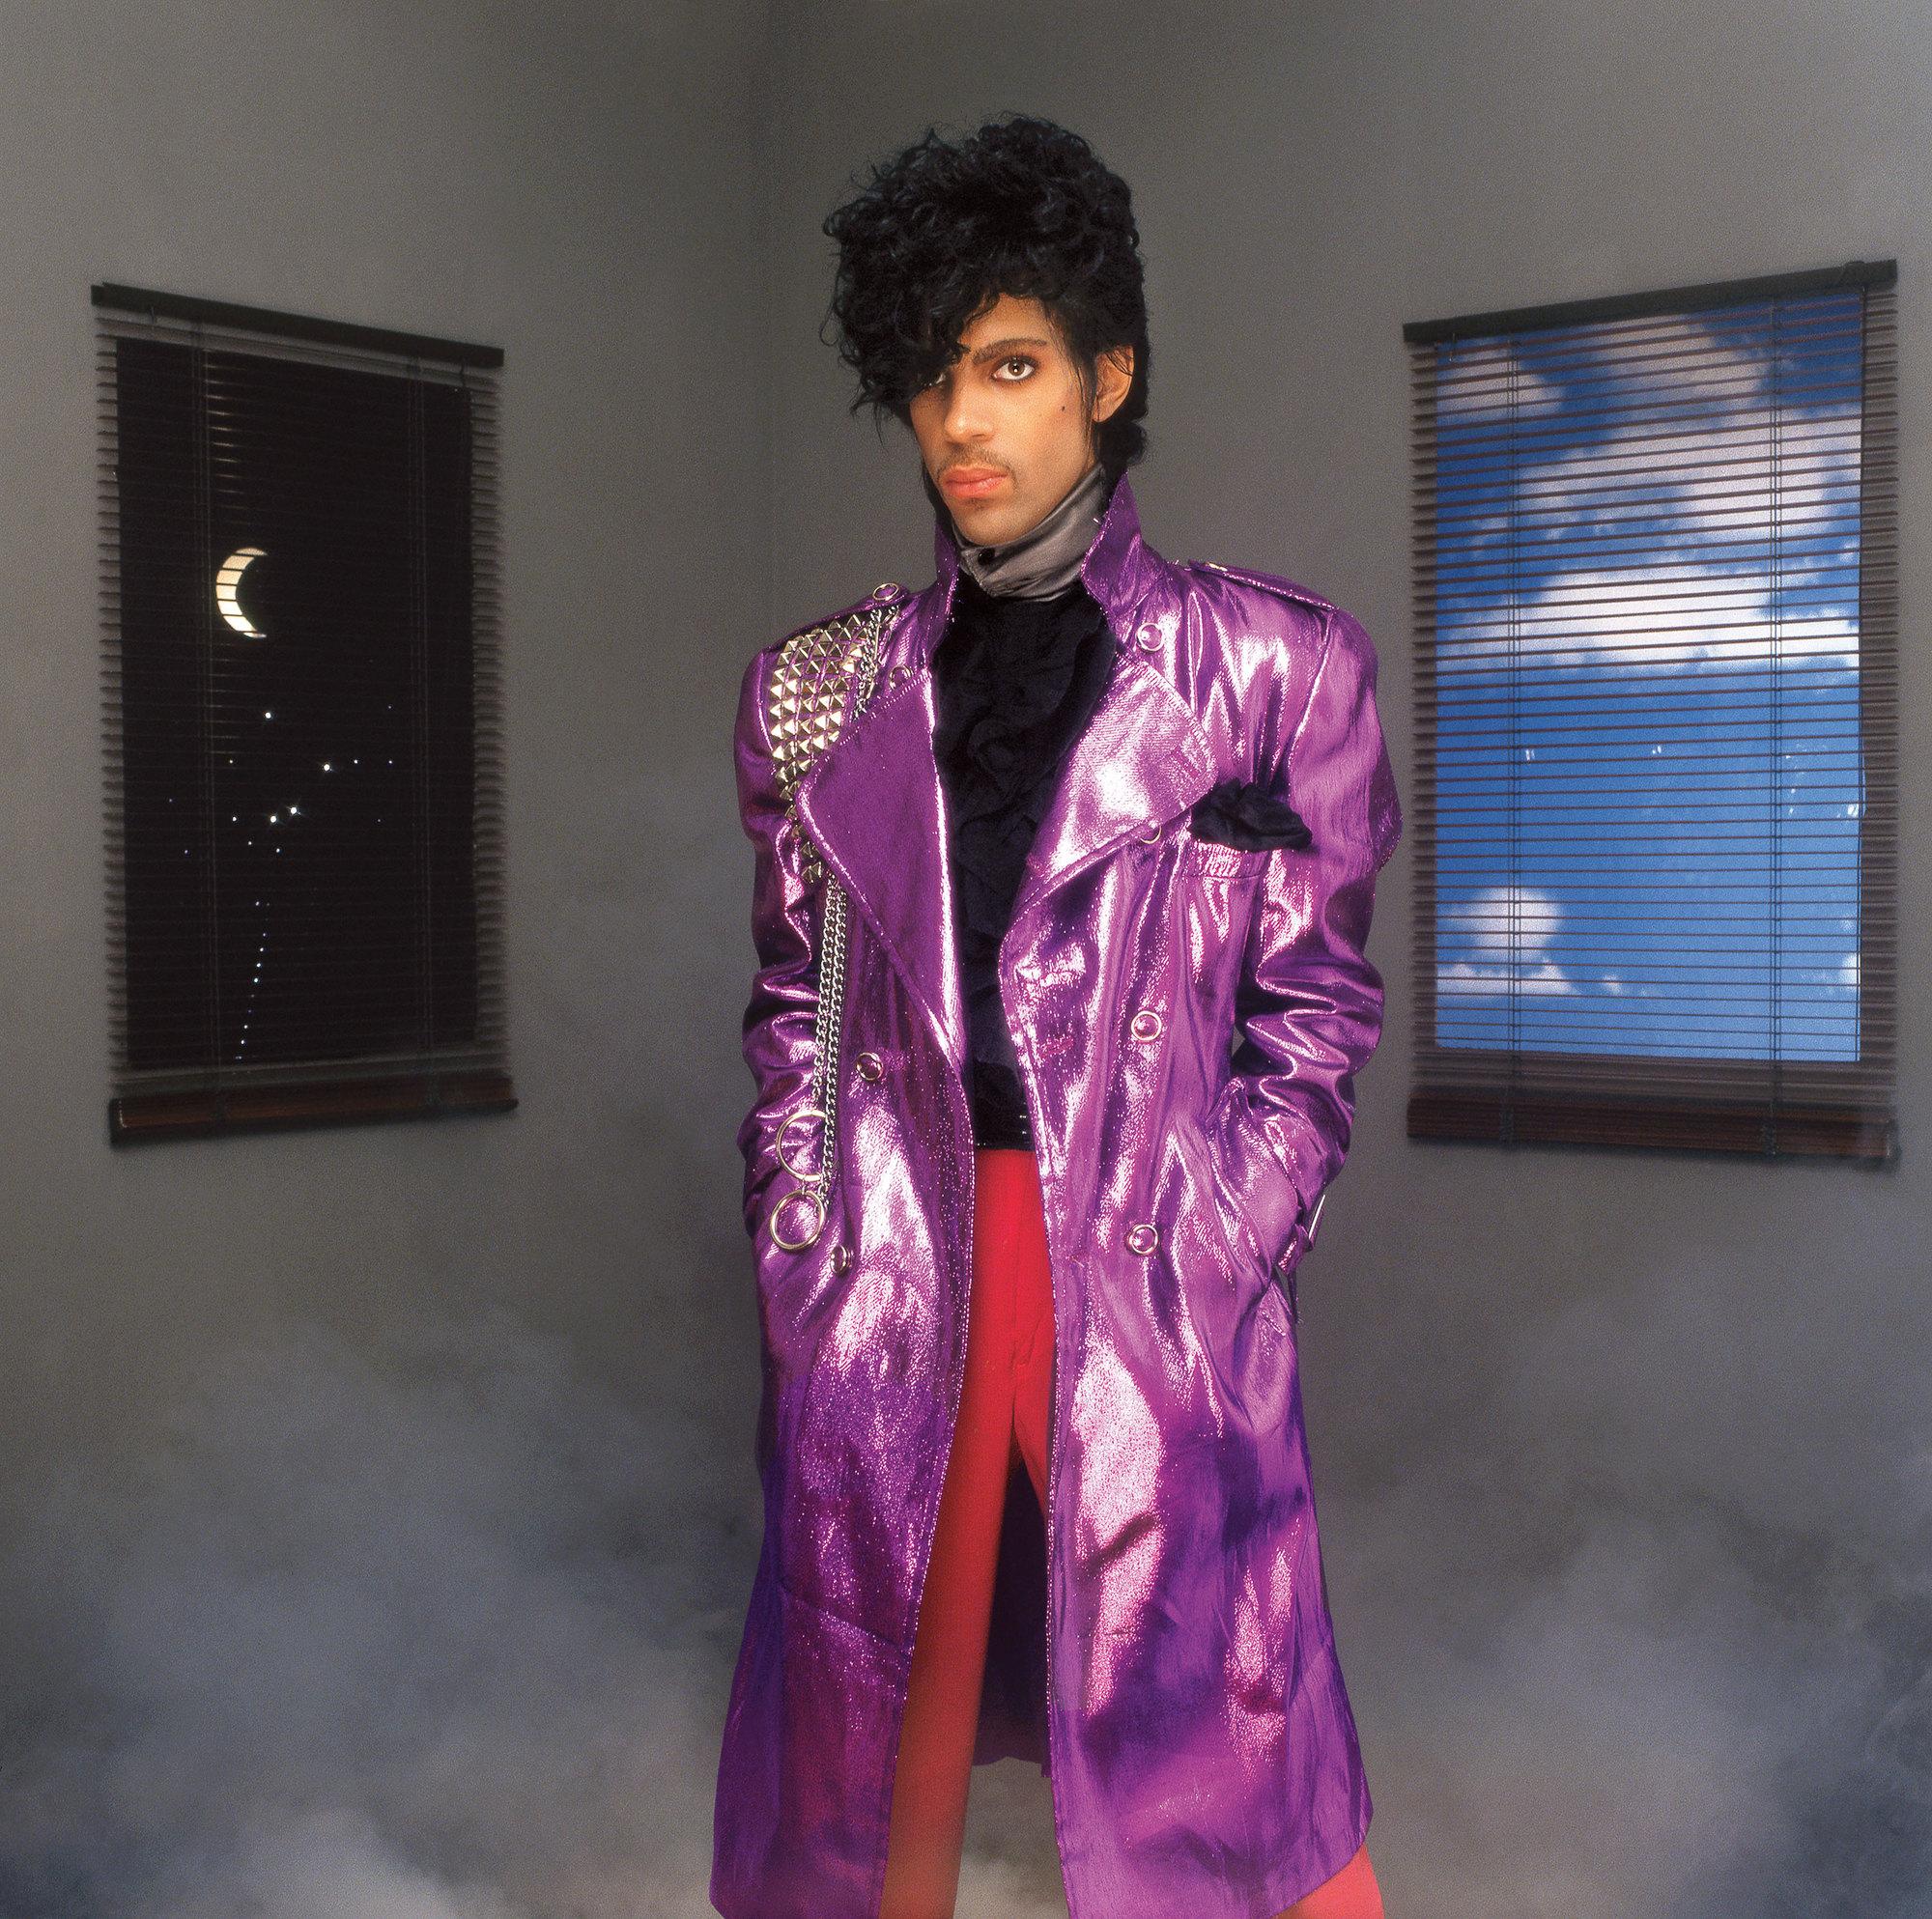 紫の伝説が新たに甦る! プリンスの象徴的なアルバム『1999』がリ ...